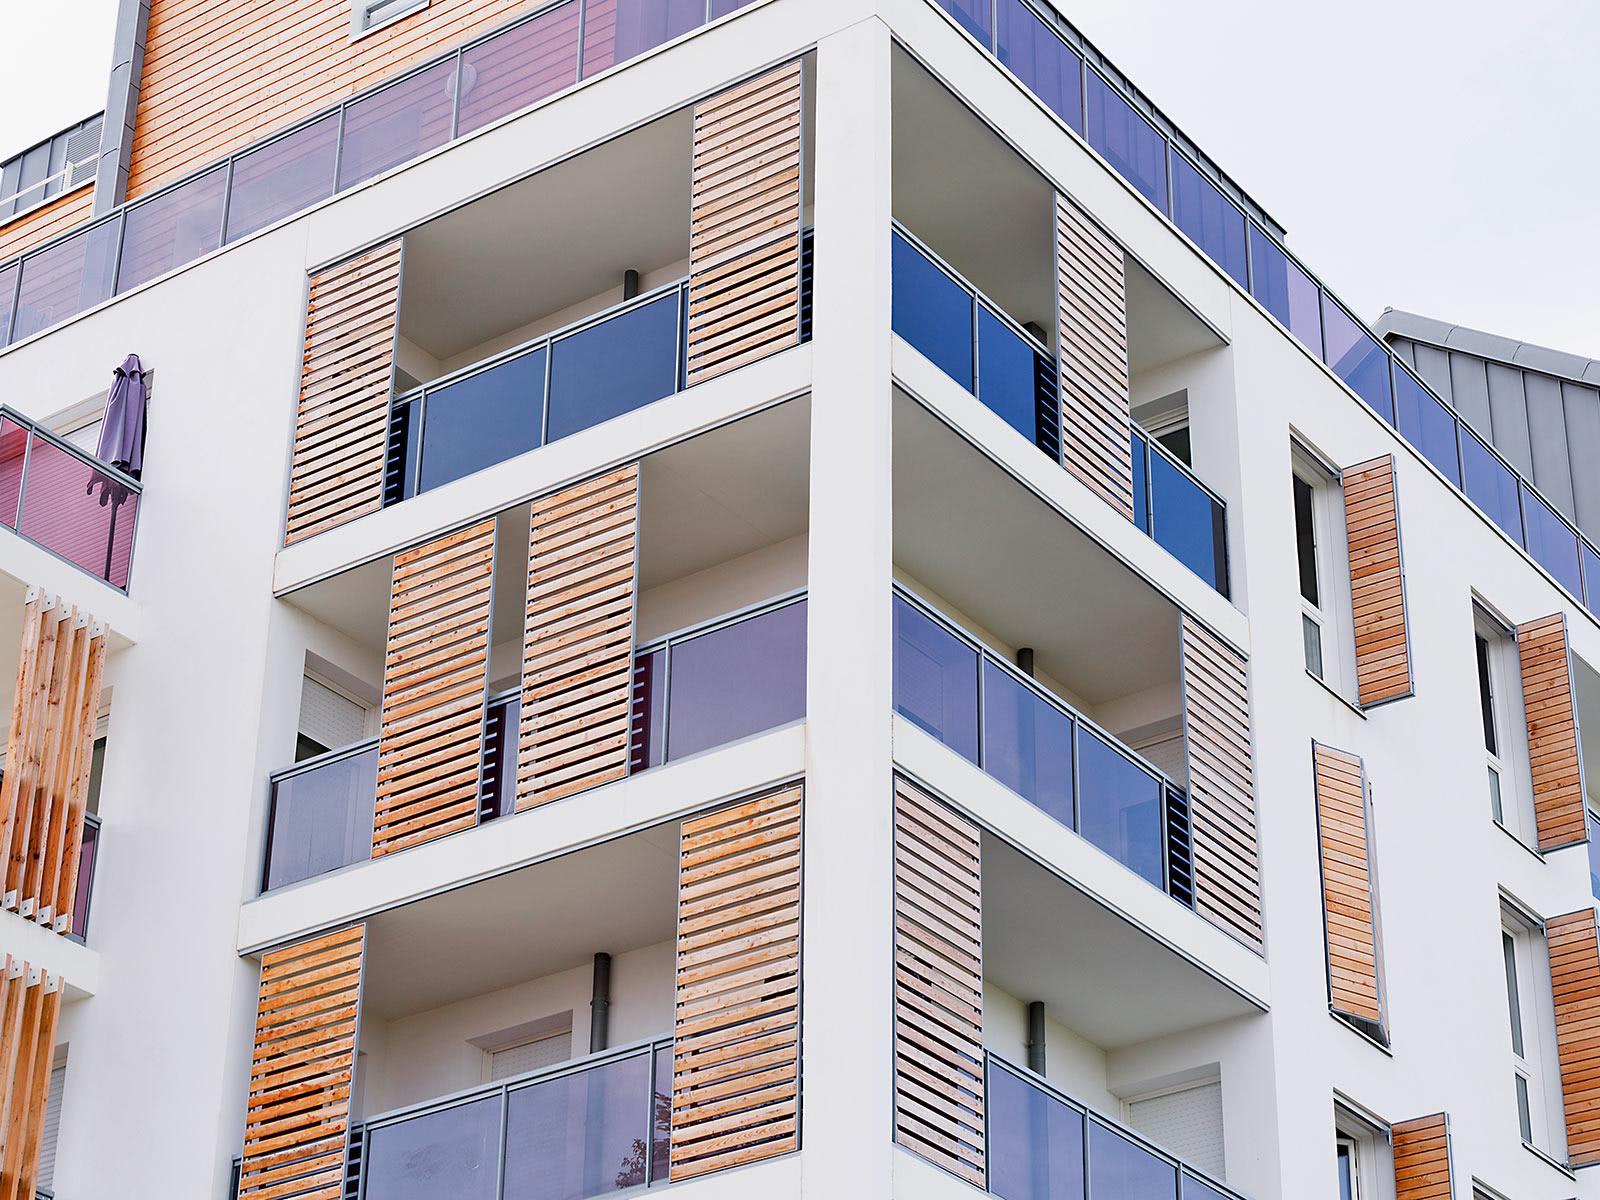 Holz-Fensterläden - Lamellen aus Echtholz